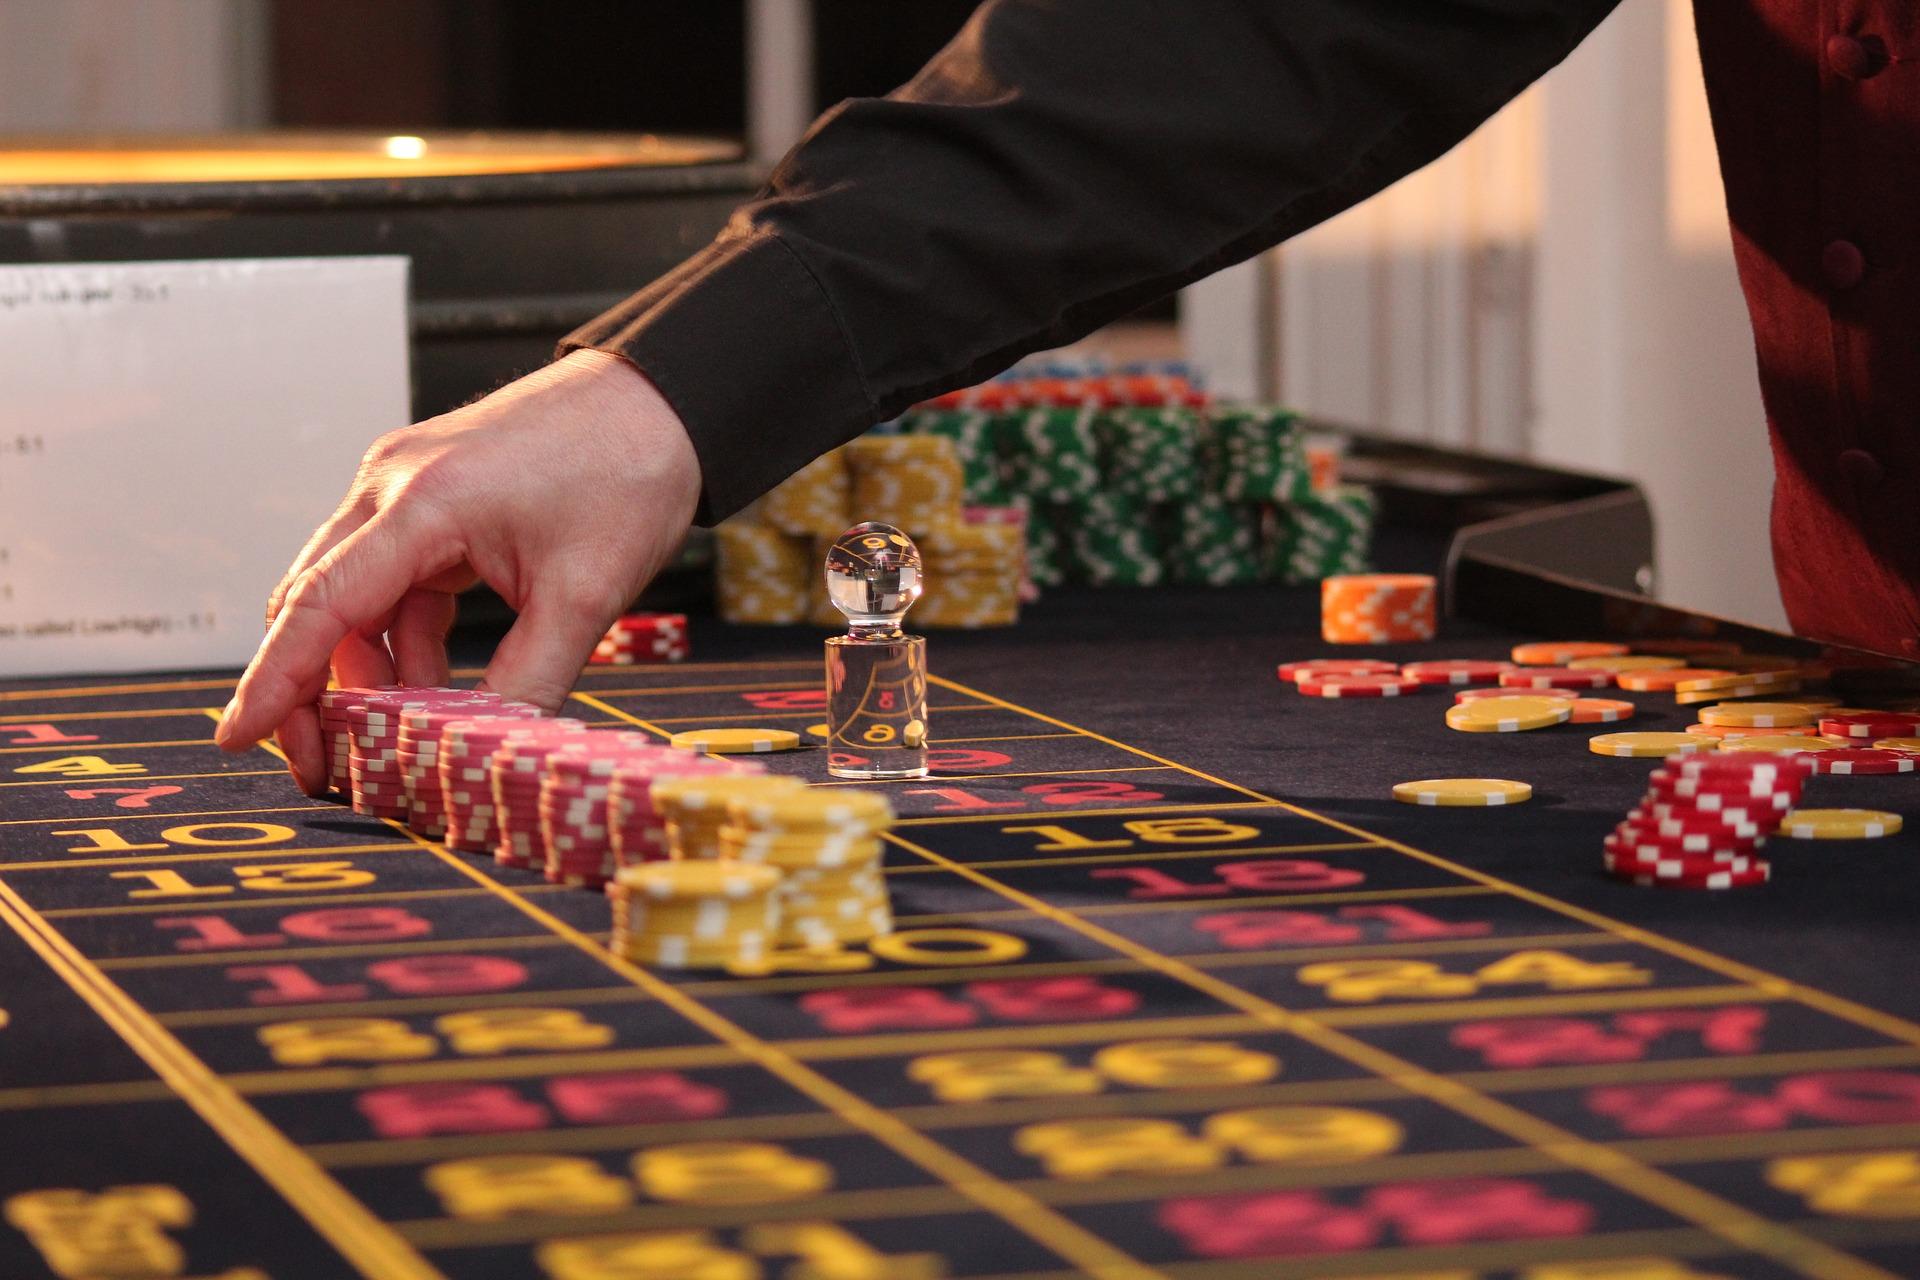 ludopatia-nuove-regole-sul-gioco-dazzardo-la-stretta-della-toscana